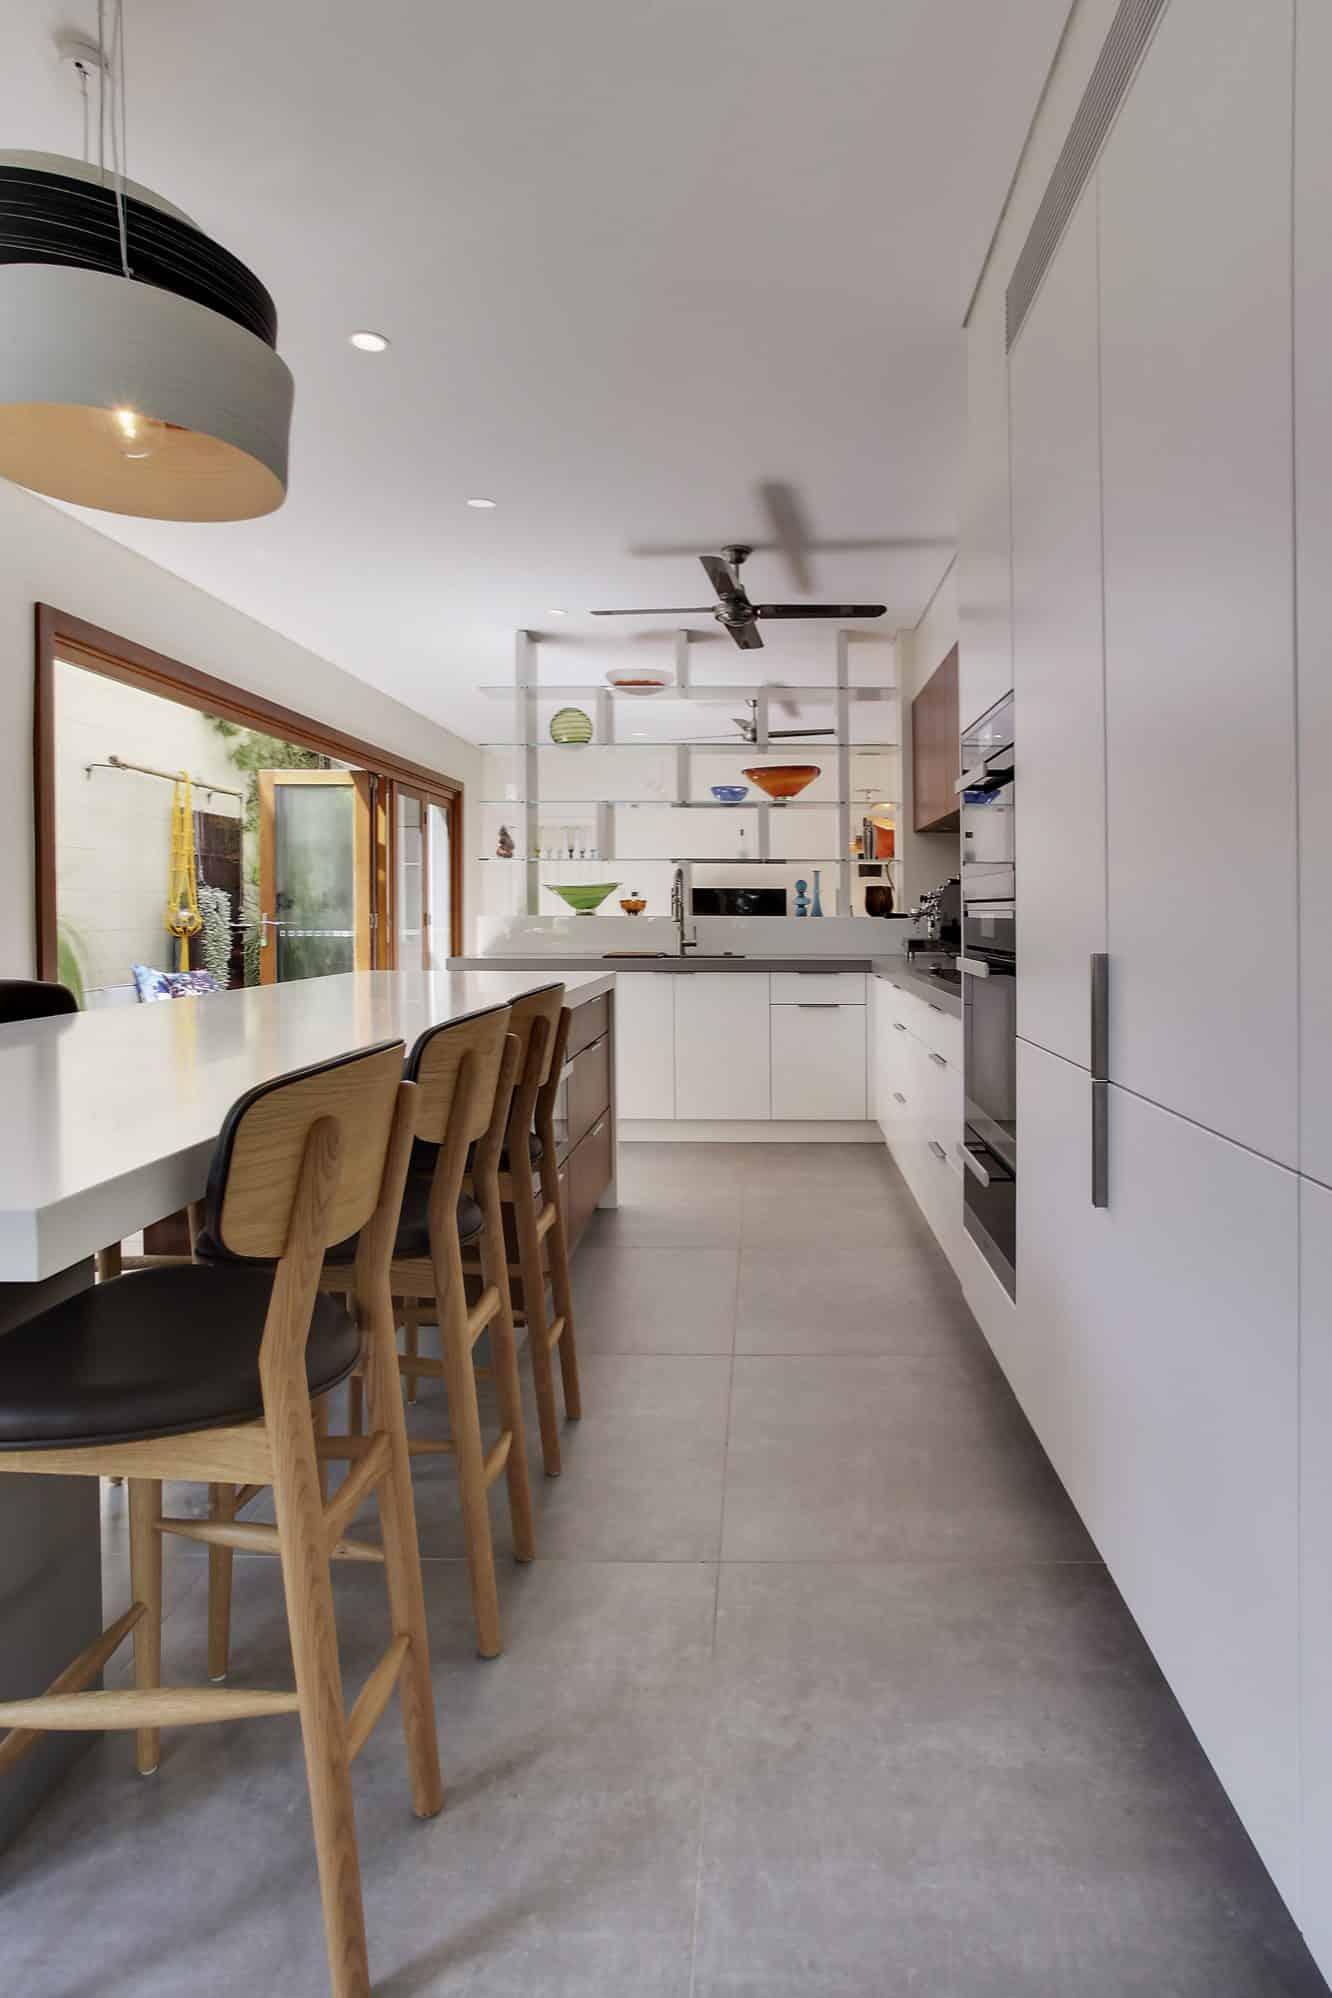 Stanmore Kitchen galley shot